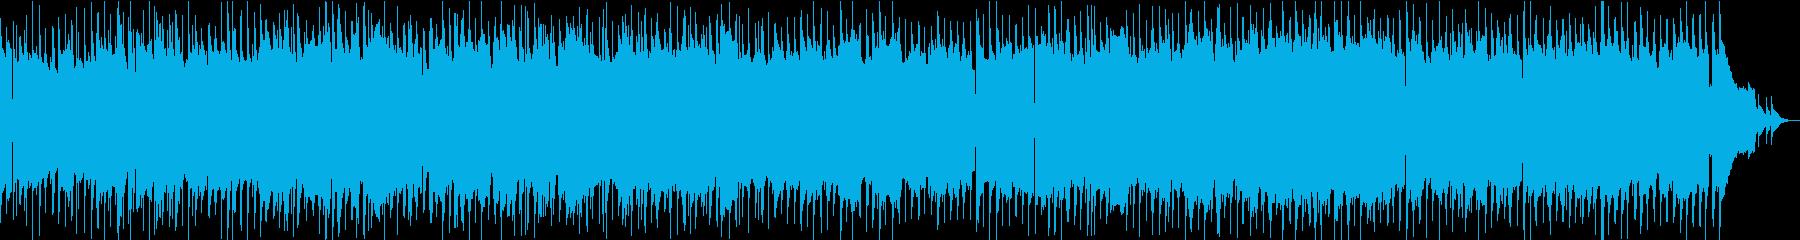 ガットギターを使ったムードスイングジャズの再生済みの波形